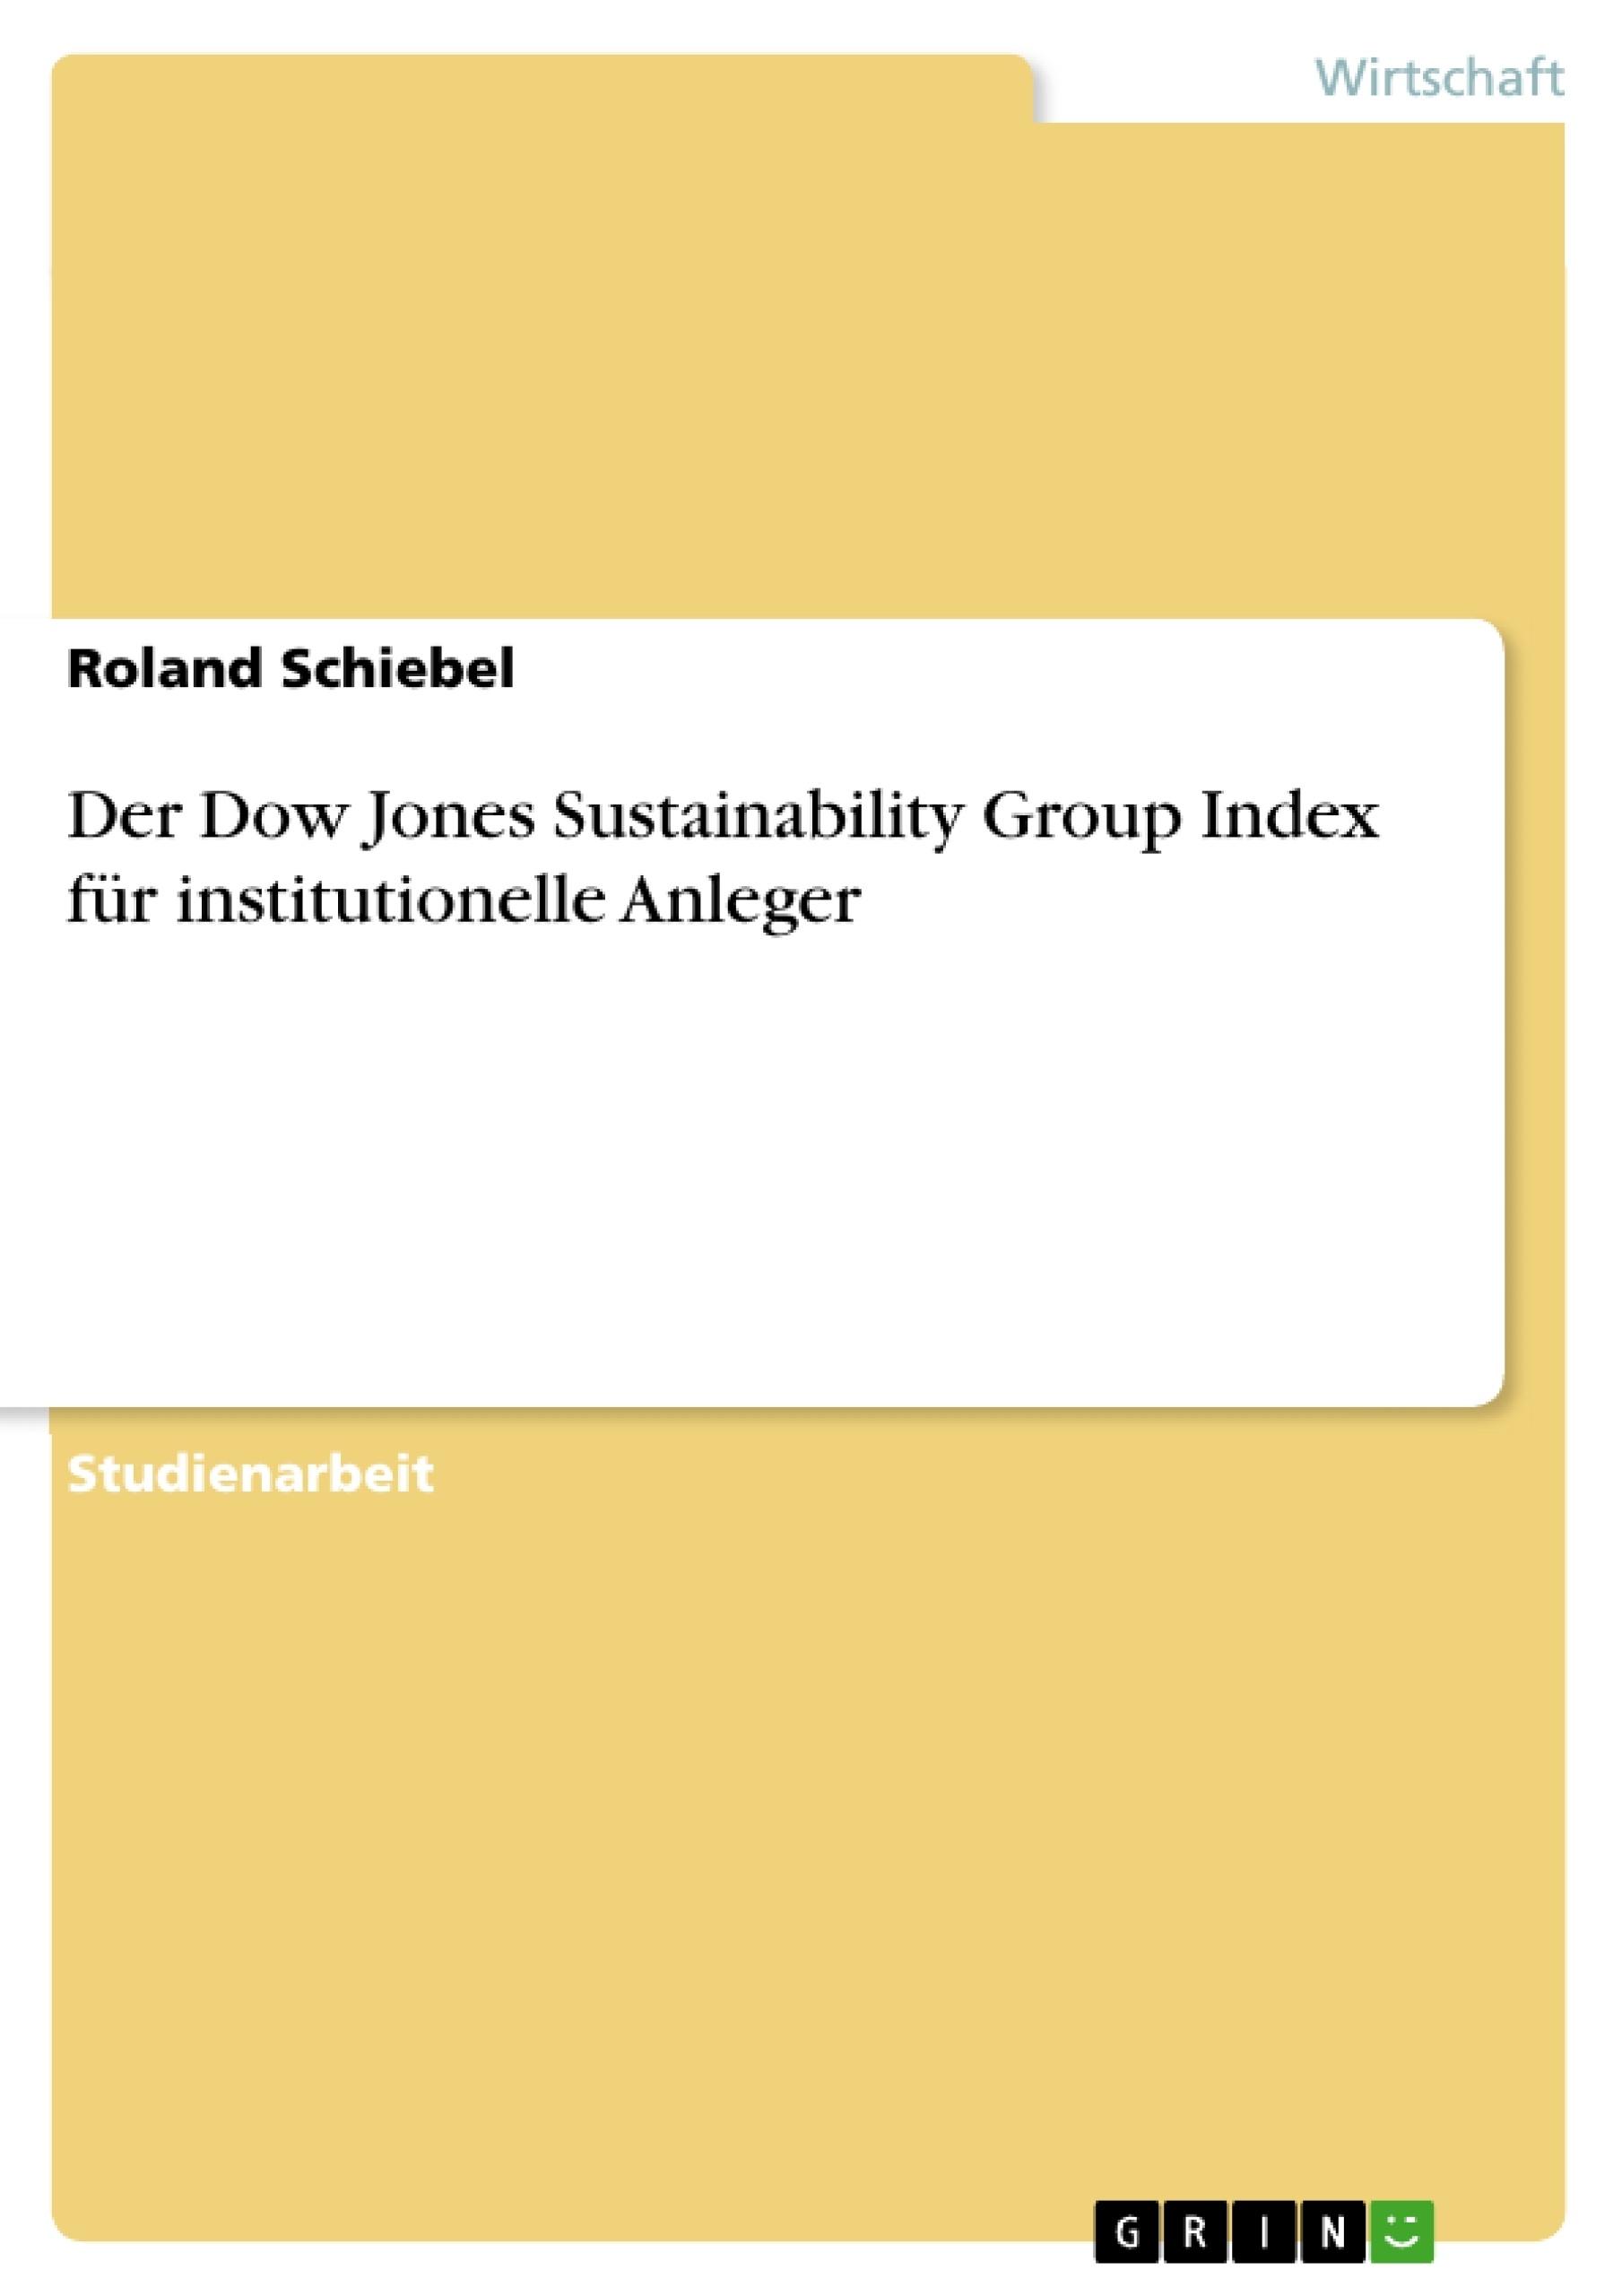 Titel: Der Dow Jones Sustainability Group Index für institutionelle Anleger